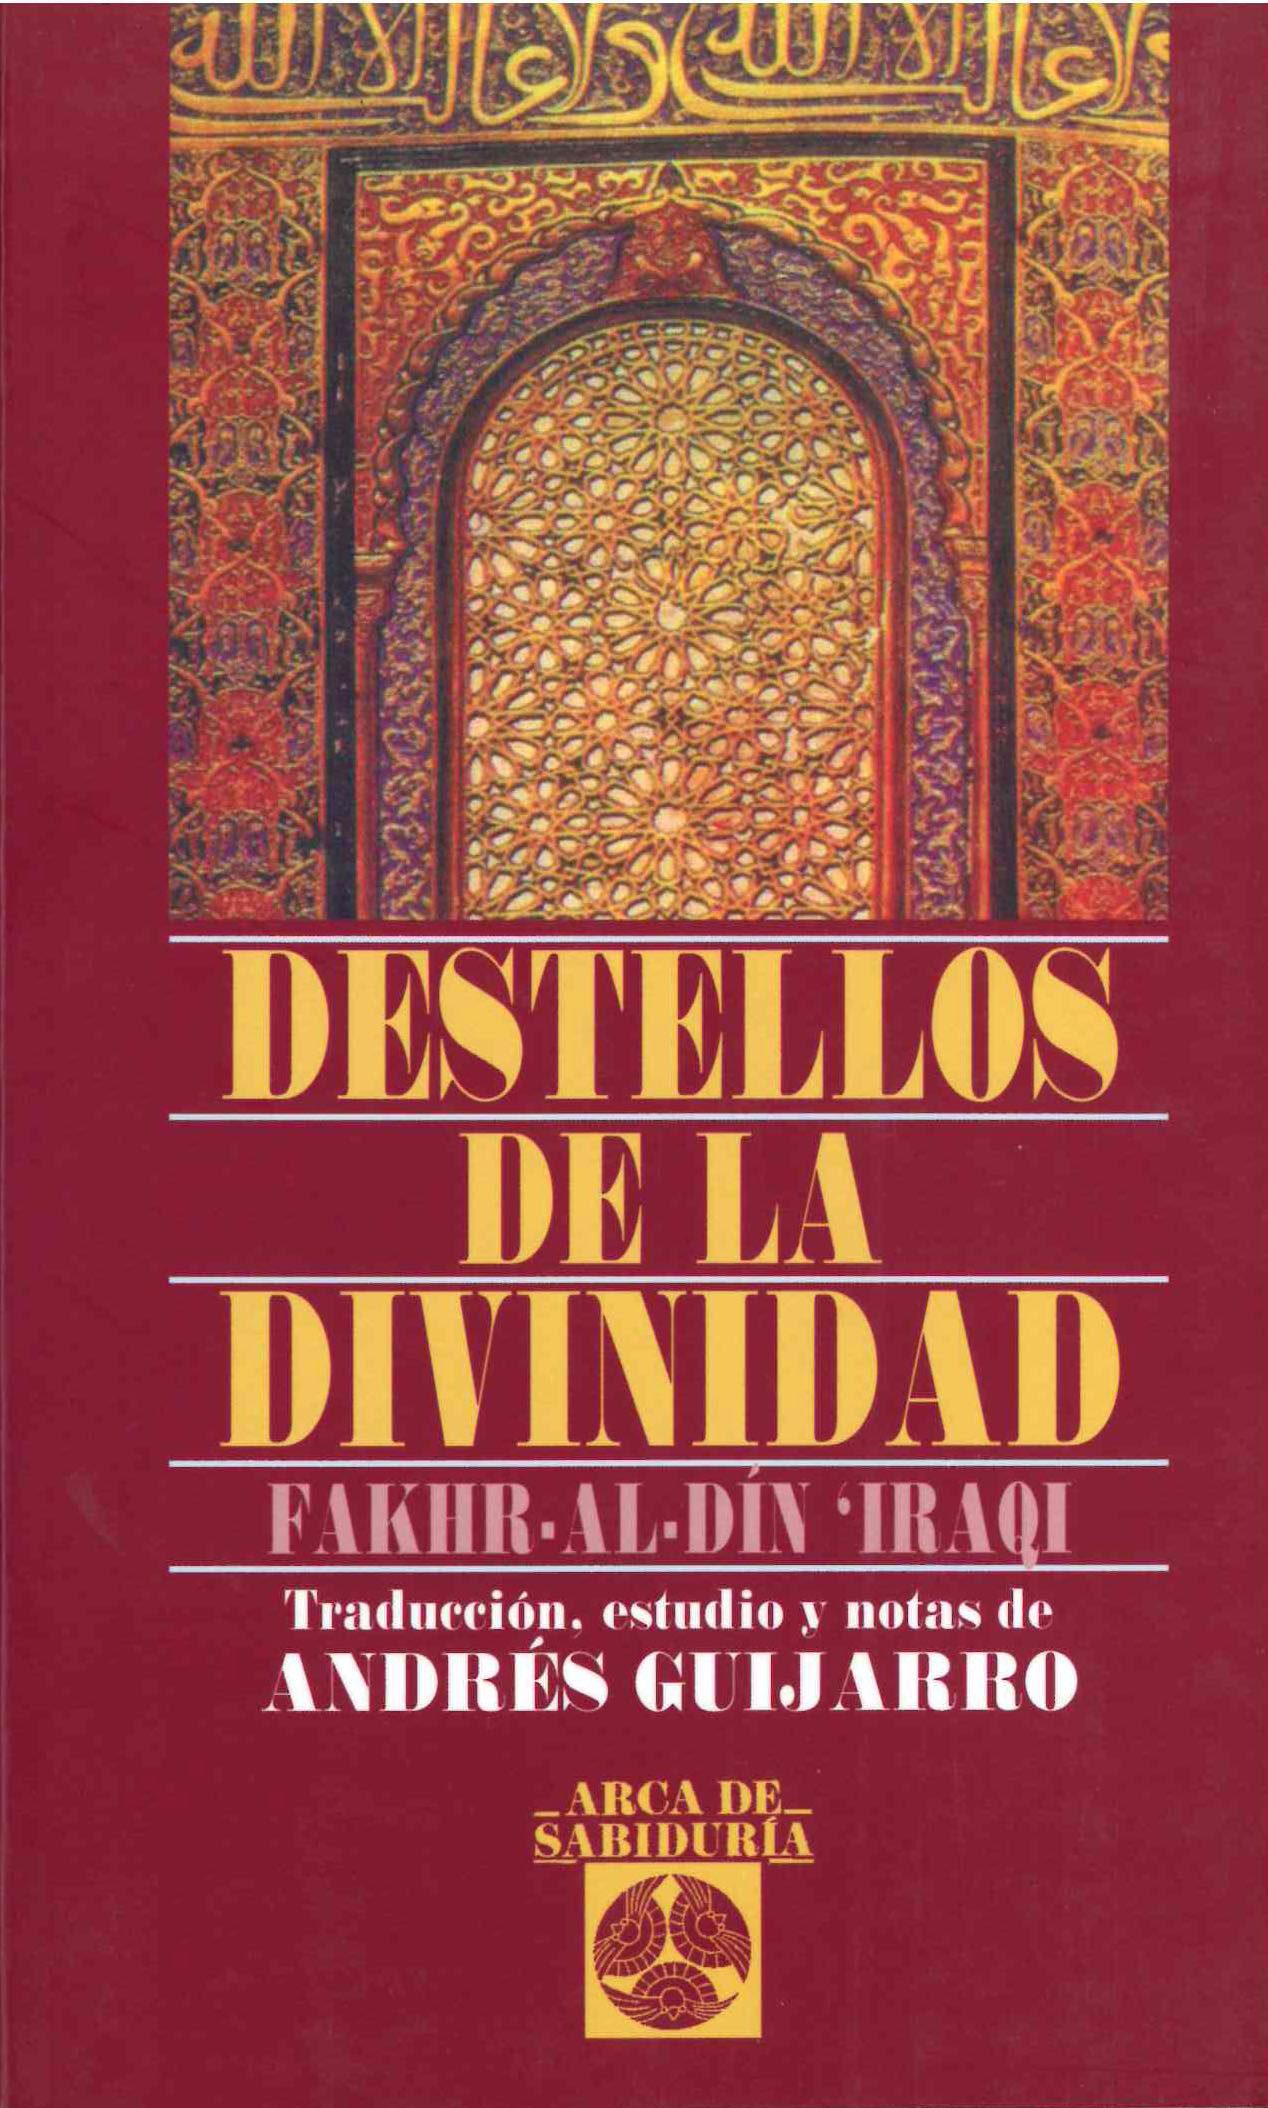 Destellos De La Divinidad - Al Din Iraqui Fakhr